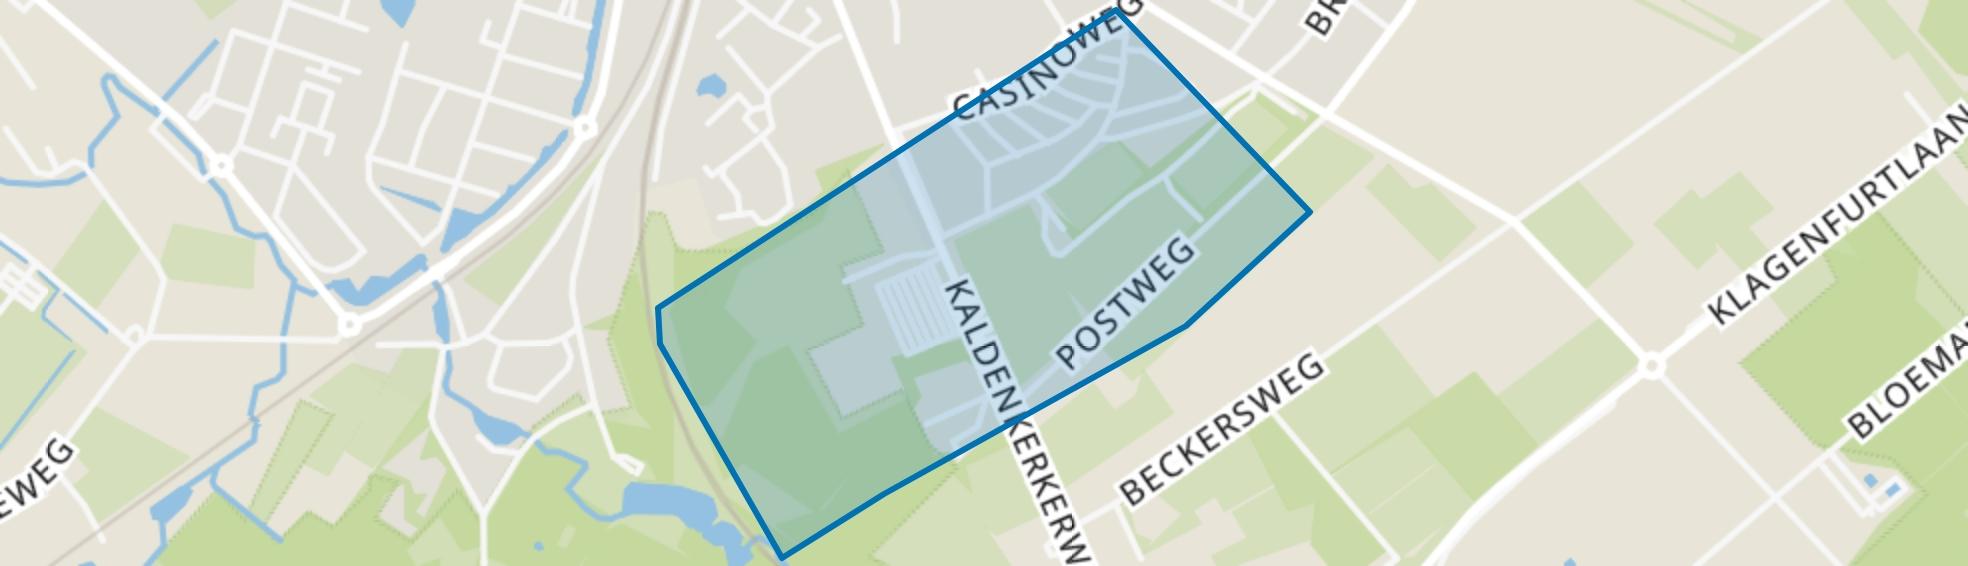 Vogelbuurt, Venlo map